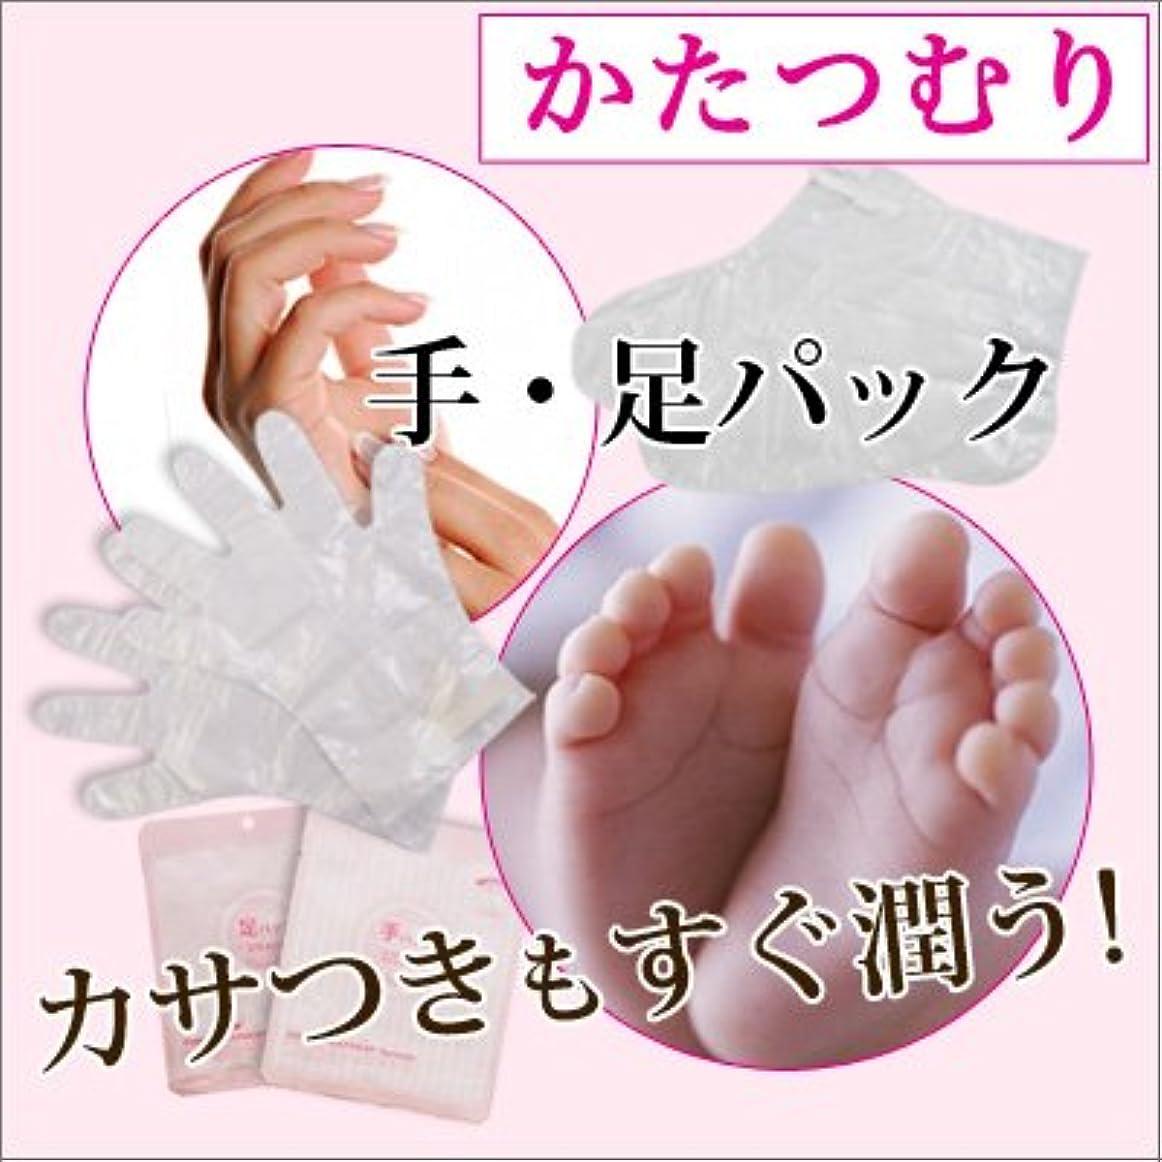 【かたつむり モイスト フット&ハンド パック 2種類×5枚】